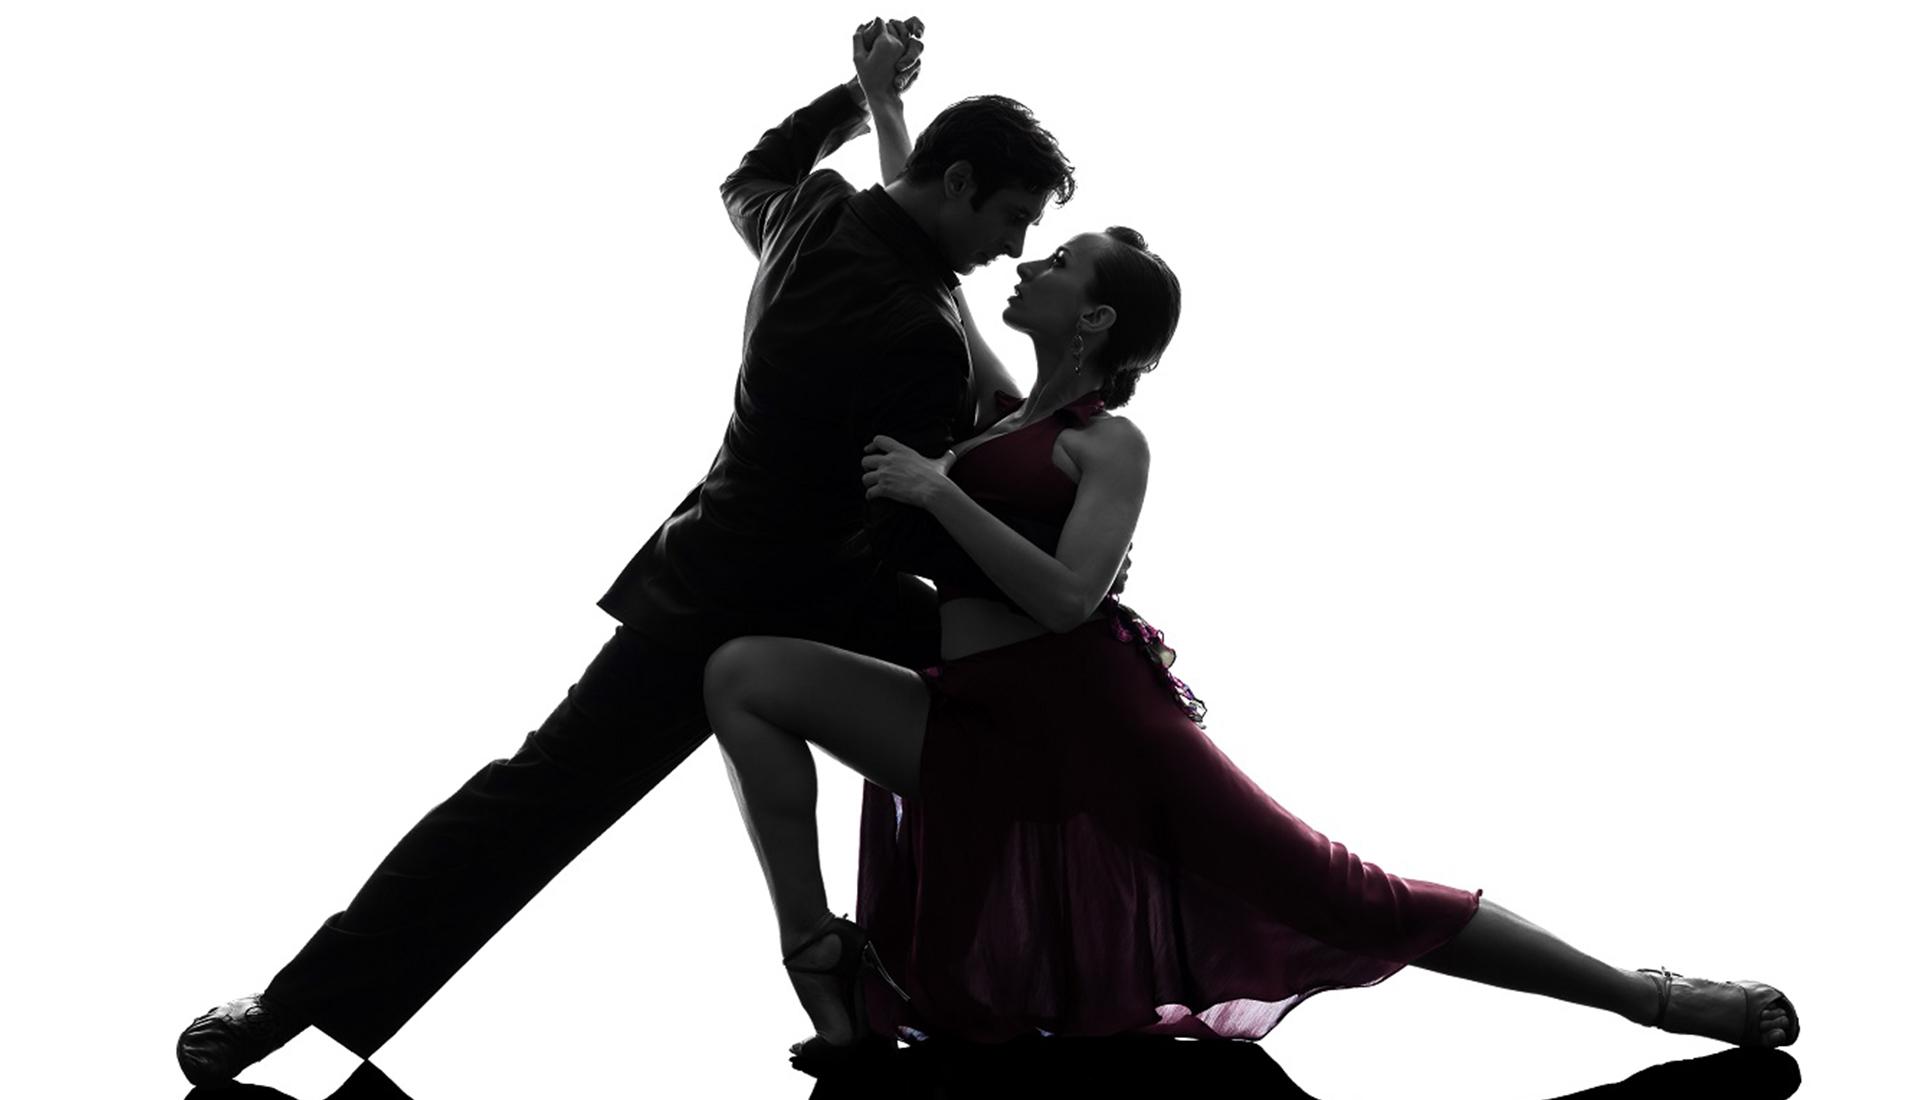 A tánc élménye,<br>Neked!